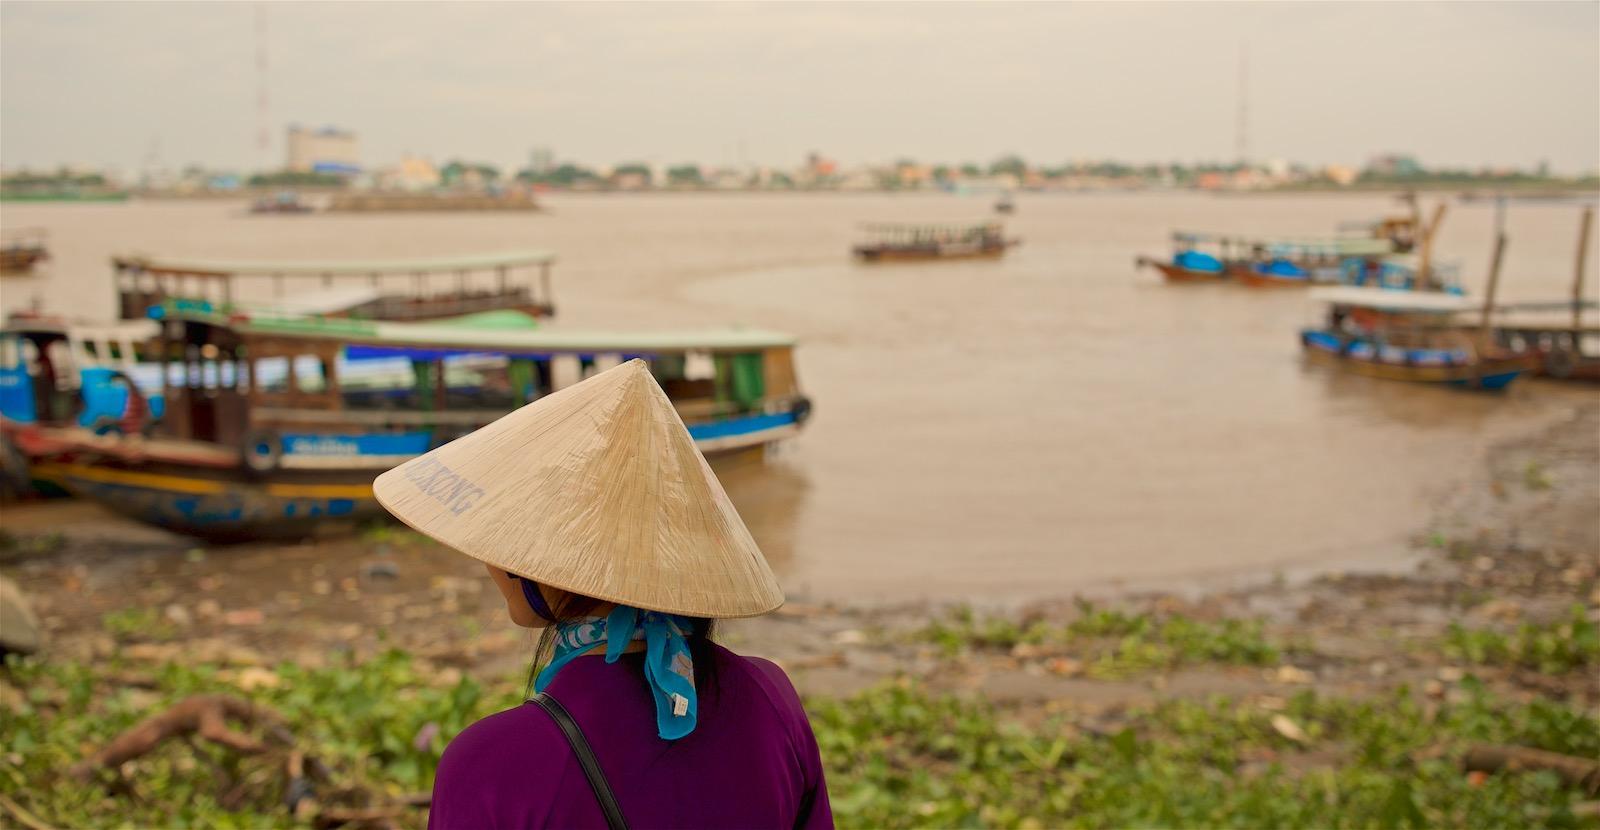 Rejseblog: My Tho - porten til Mekongfloden - Mette & Martin Rejser